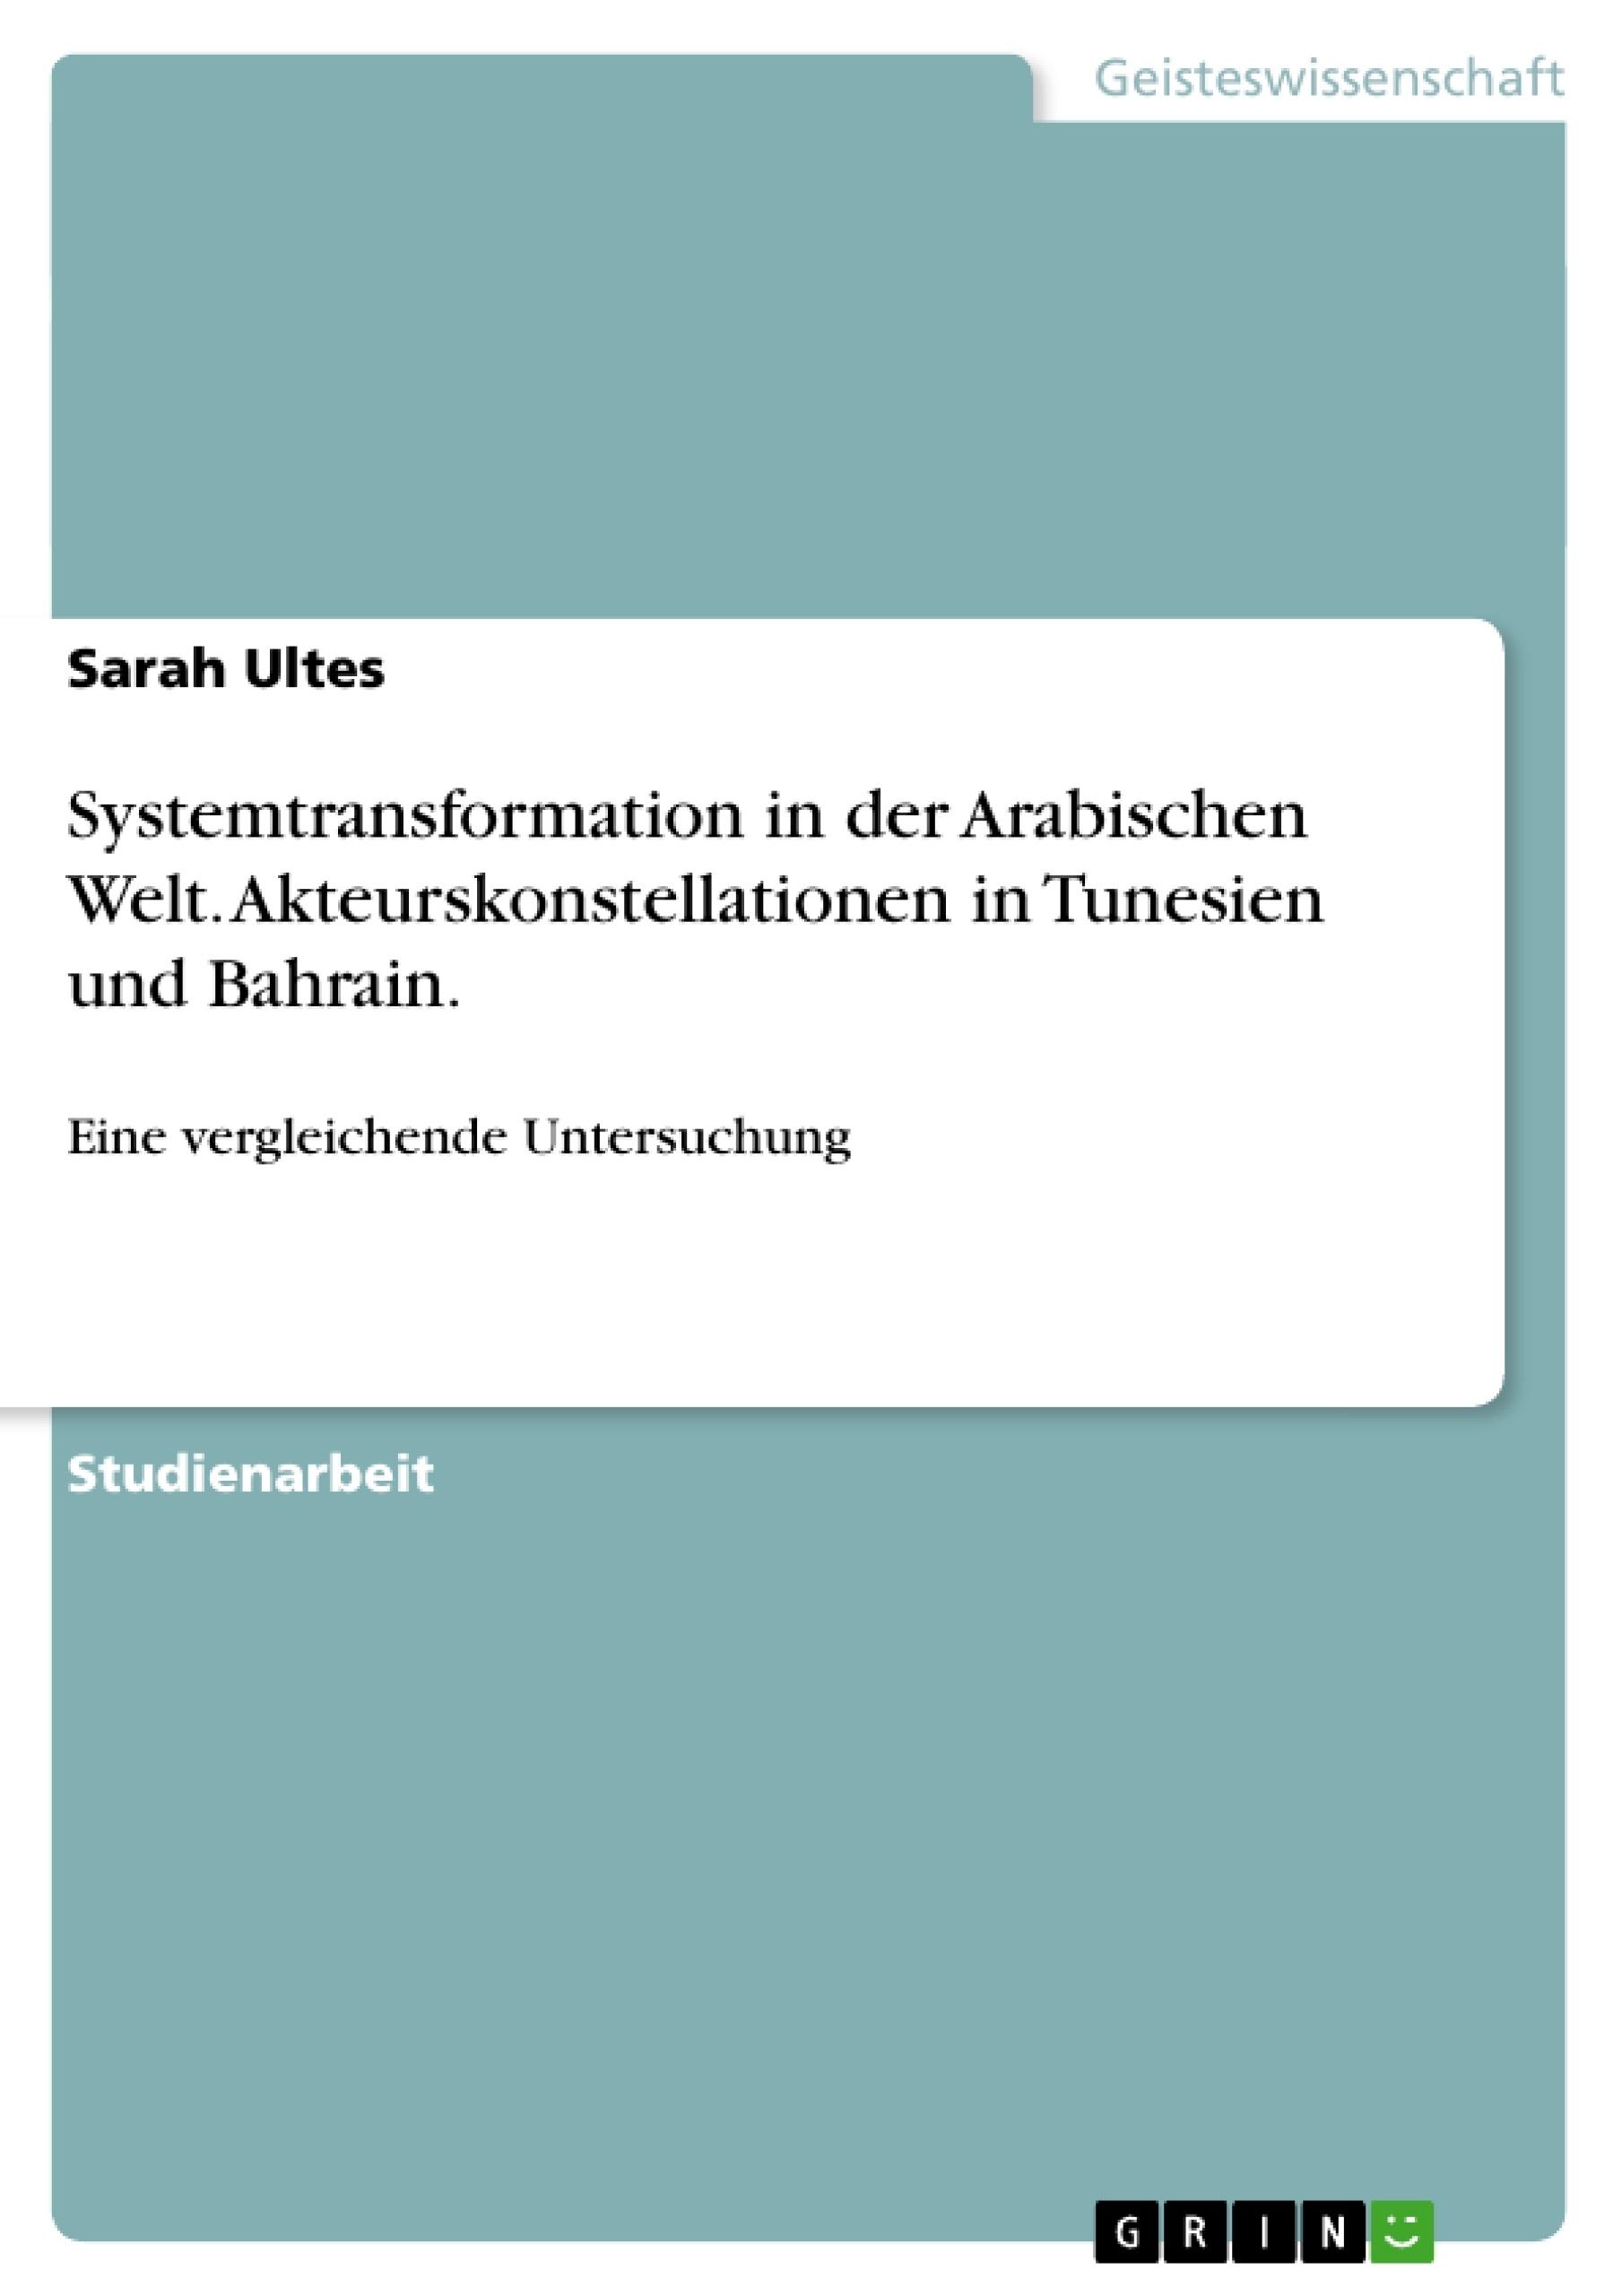 Titel: Systemtransformation in der Arabischen Welt. Akteurskonstellationen in Tunesien und Bahrain.